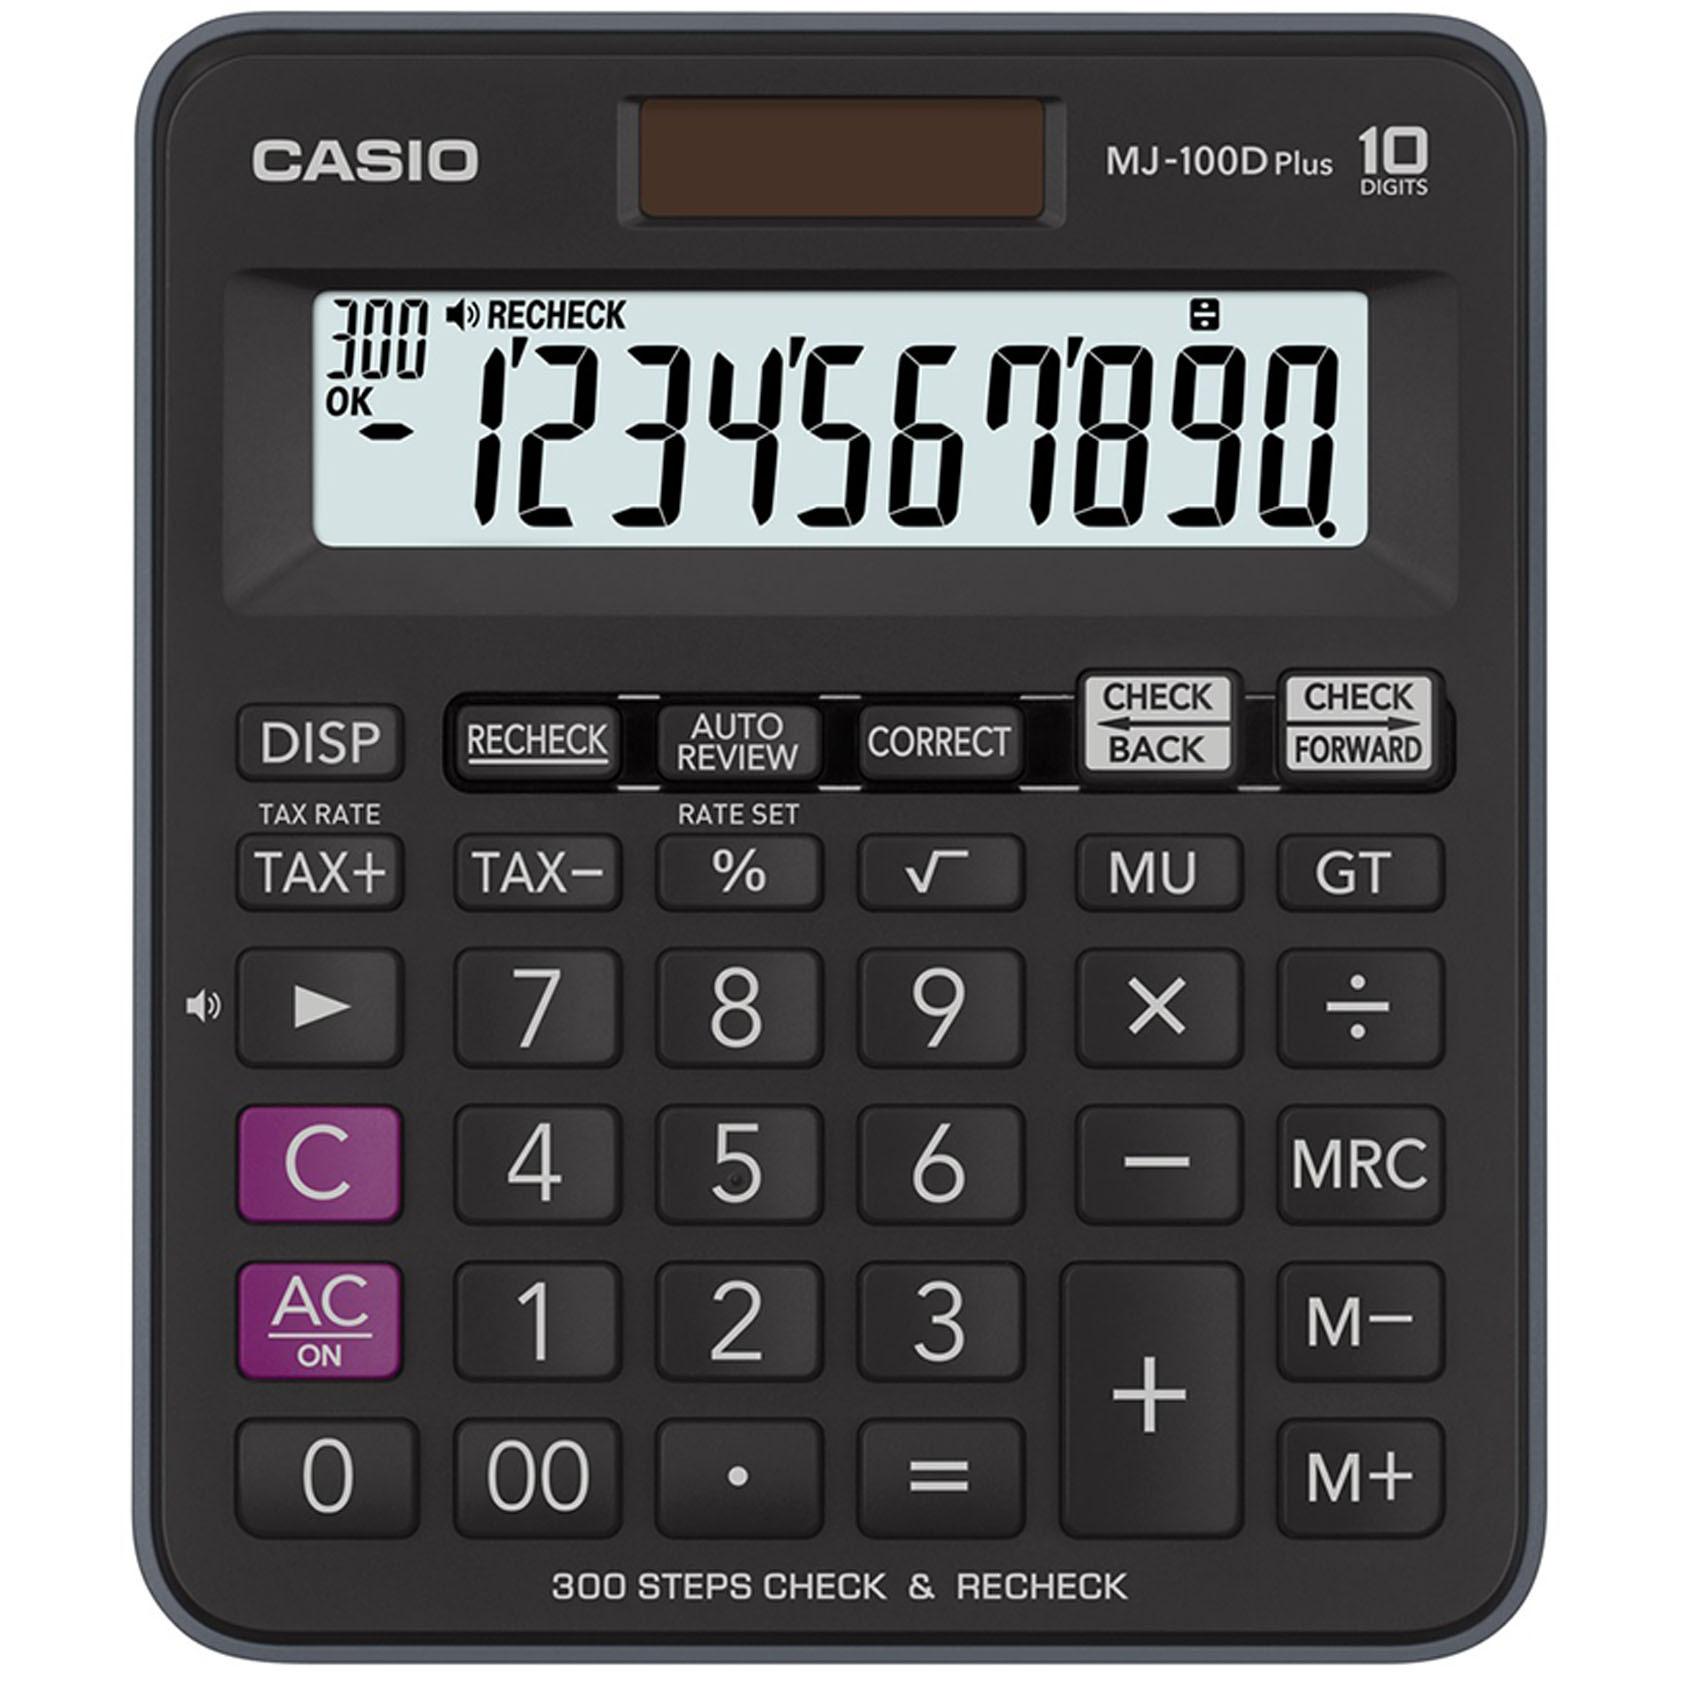 CASIO MJ-100D PLUS DESKTOP